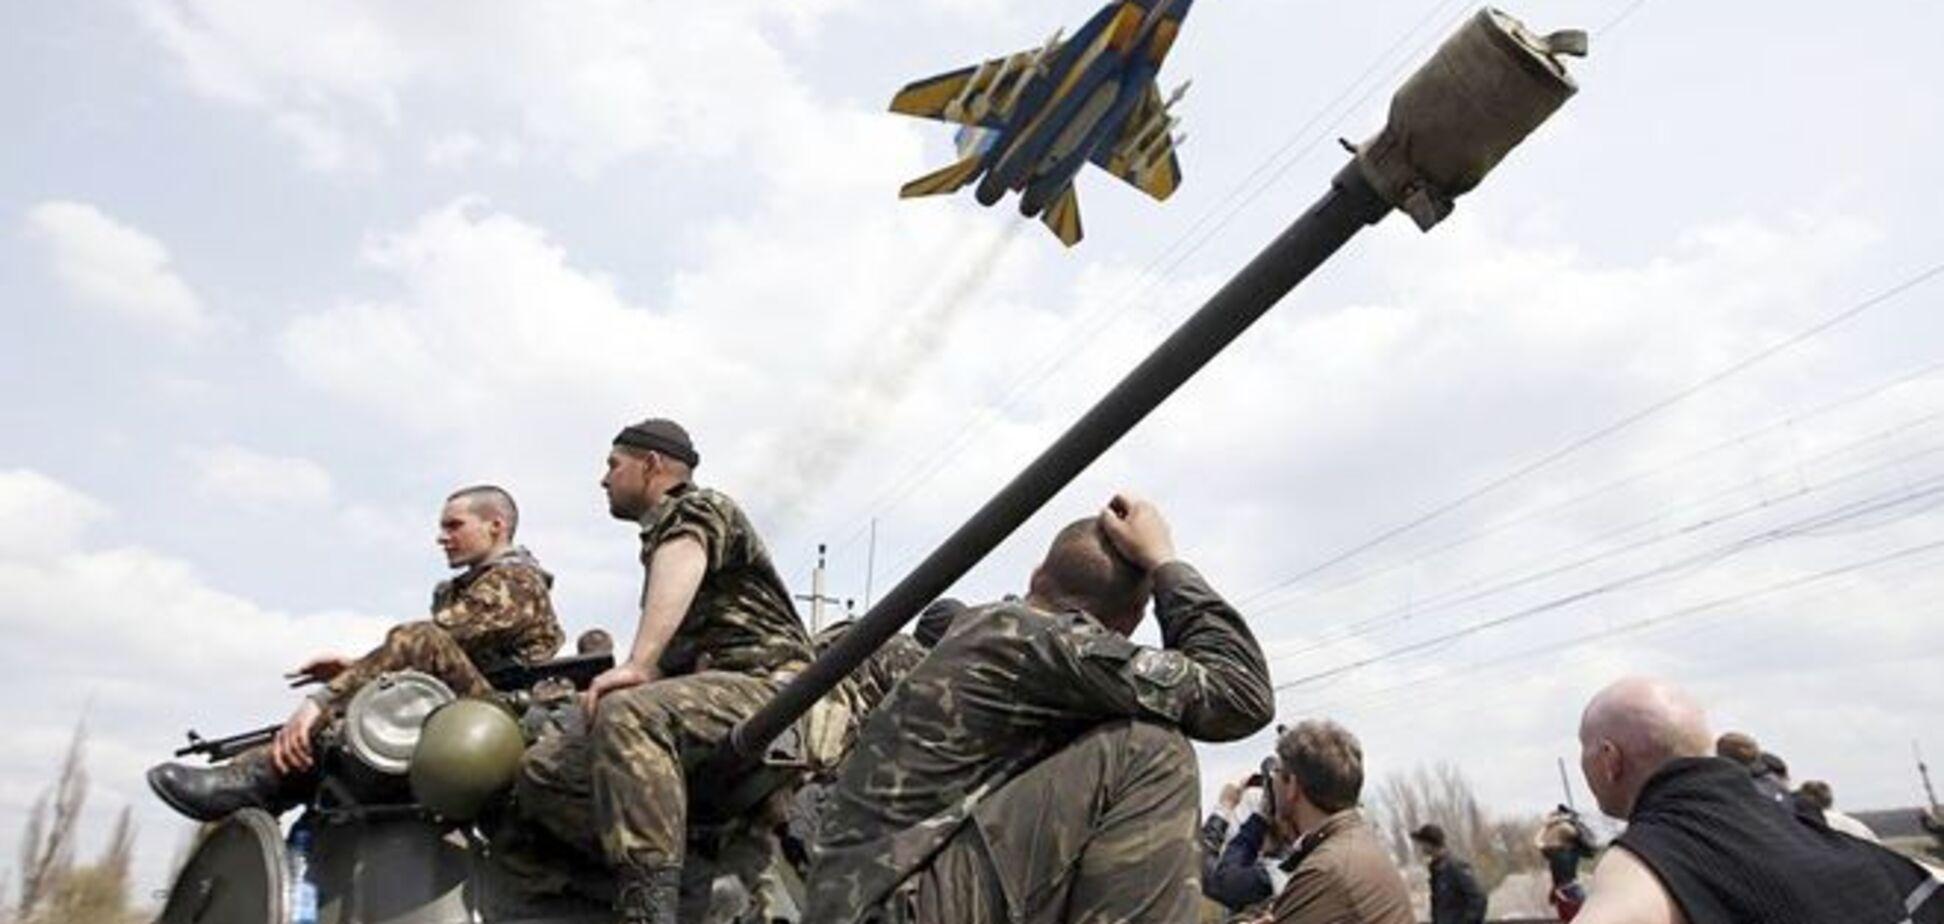 Жители Луганска и Донецка в соцсетях ищут родных и способы выжить